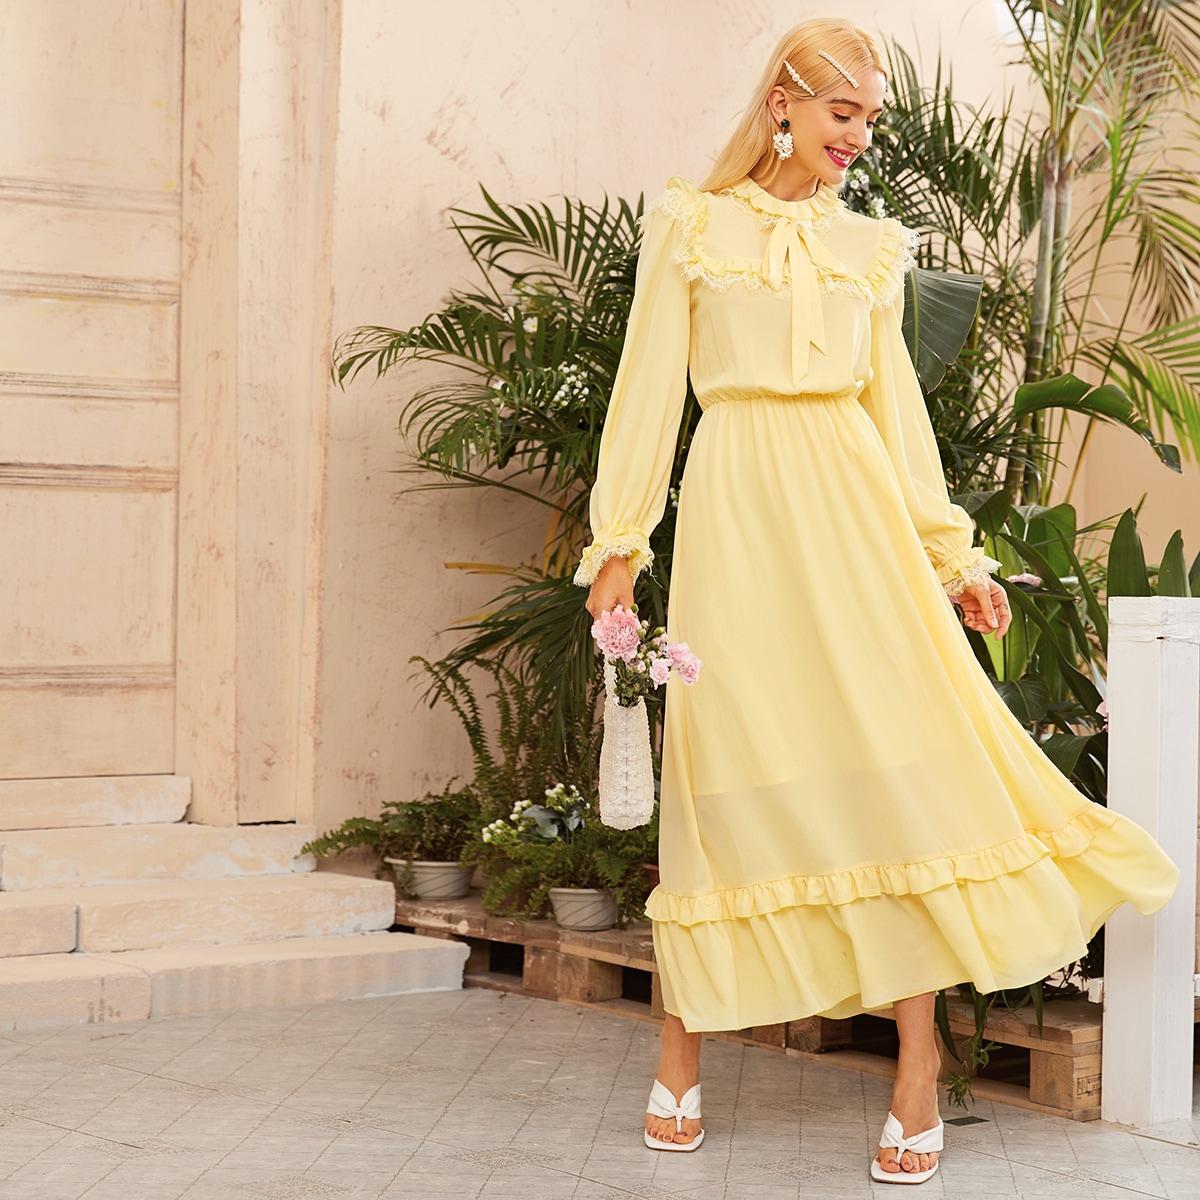 Платье с кружевной отделкой, оборками и вырезом-бантом фото